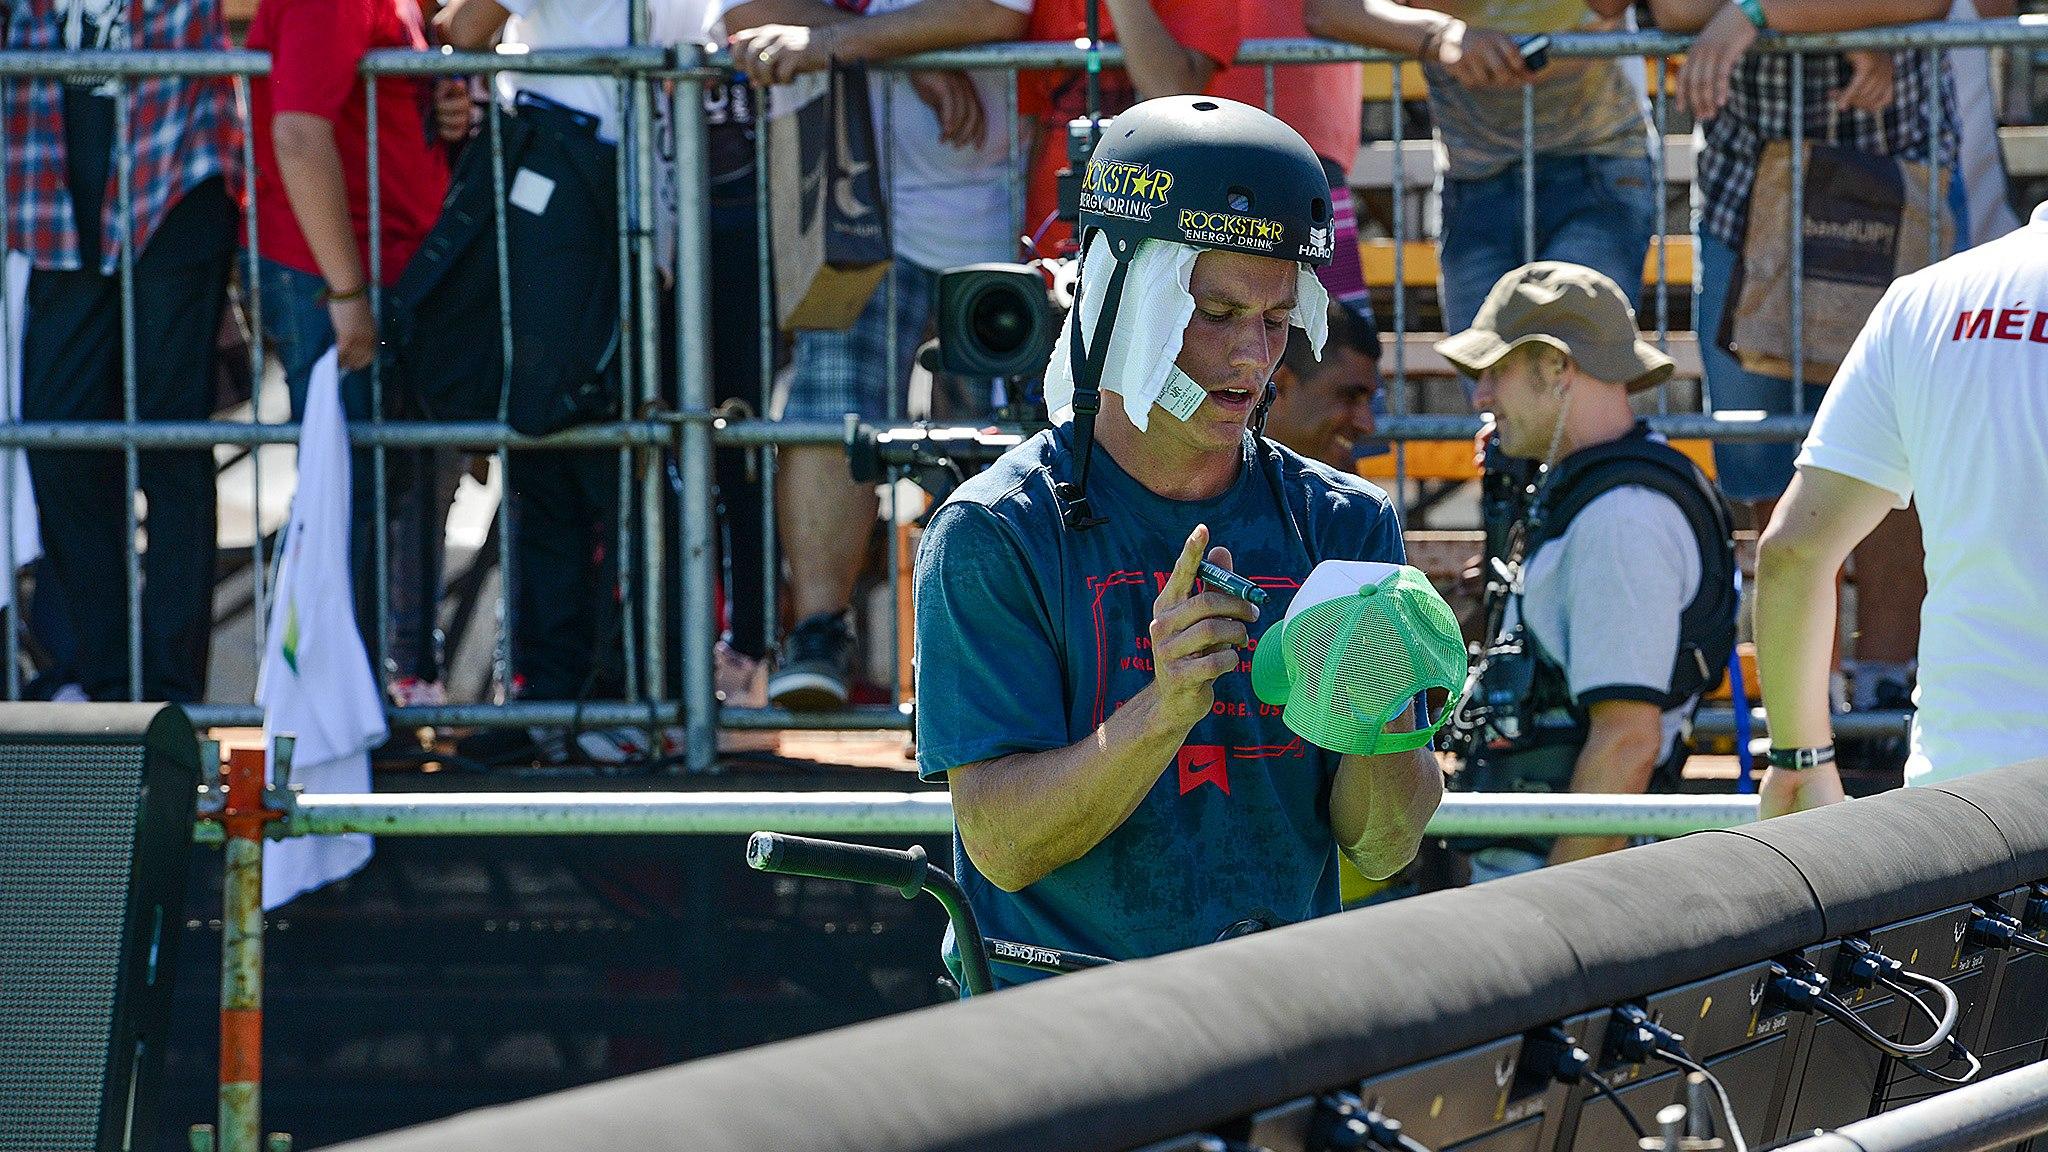 Os pilotos sofreram com o calor de Foz do Iguau